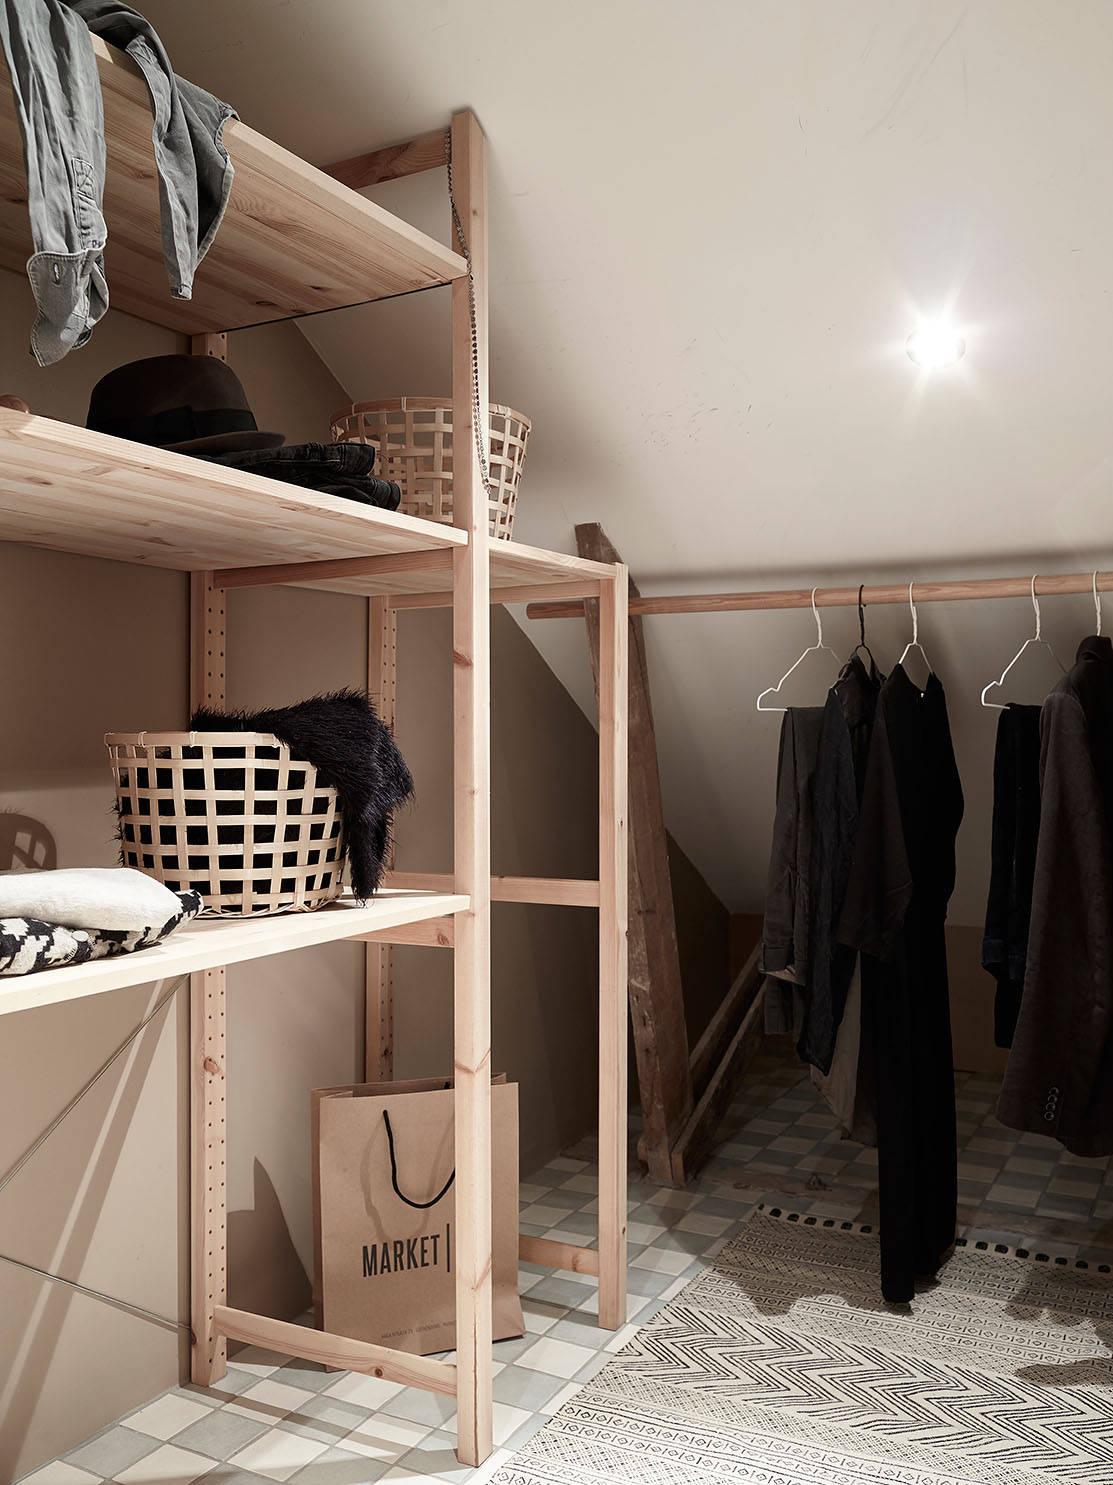 pomysły na garderobe, jak zorganizować małą garderobę? jak urządzić małą garderobę